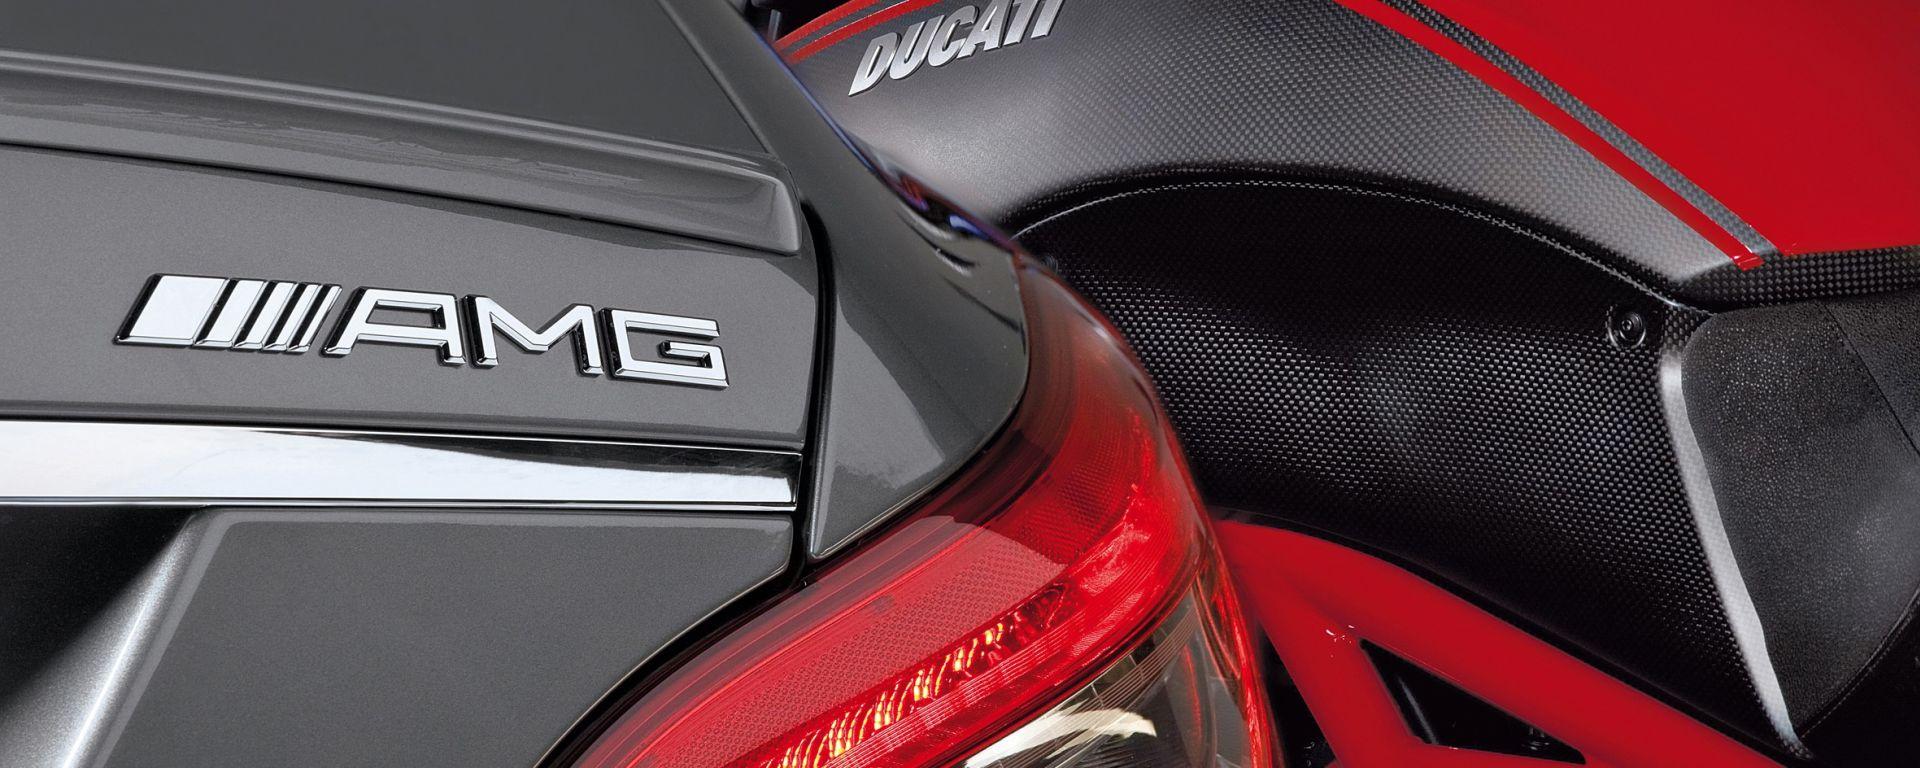 La rossa Ducati si allea con Mercedes-AMG